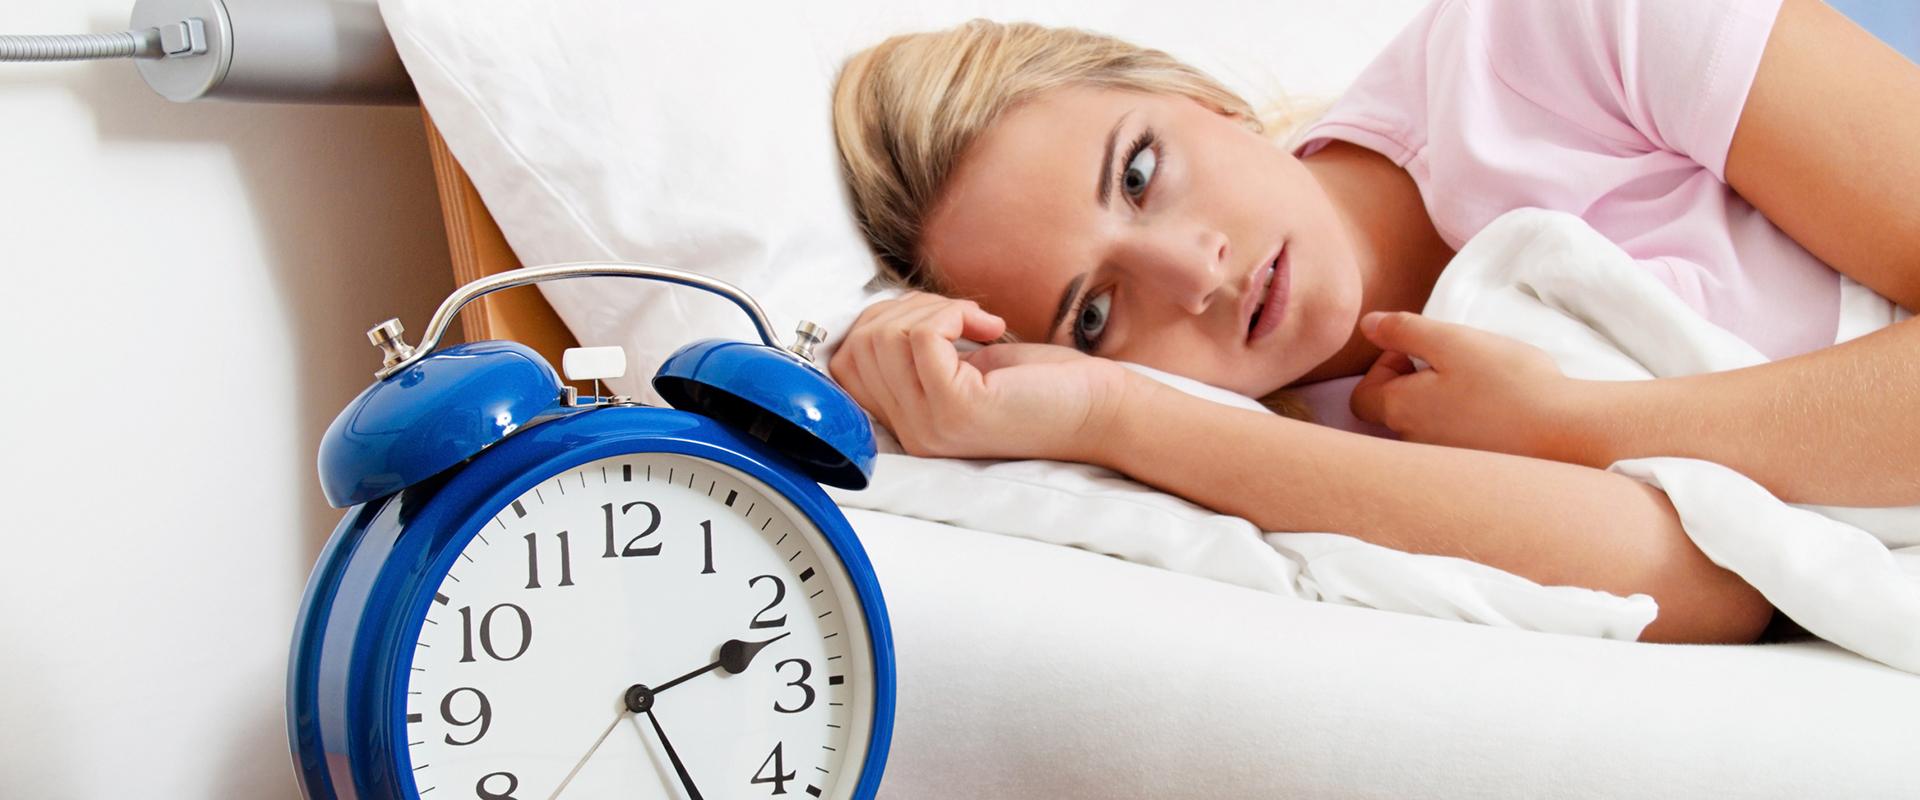 Sueño y ansiedad: Recomendaciones para dormir bien